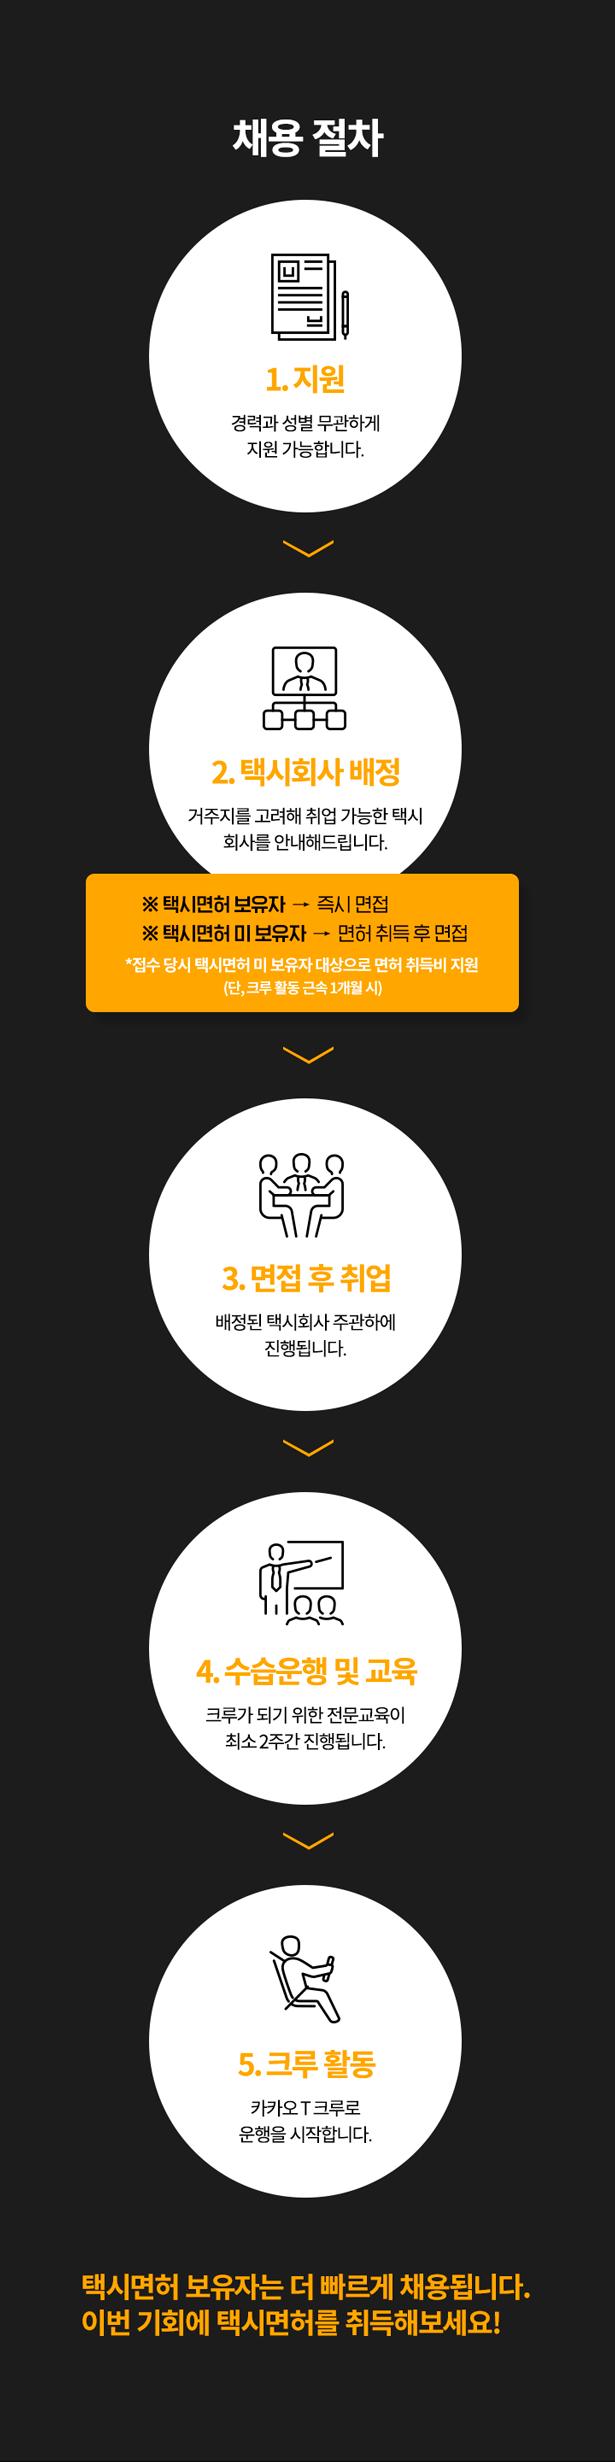 1.자원 2.택시회사 배정 3.면접 후 취업 4.수습운행 및 교육 5.크루 활동